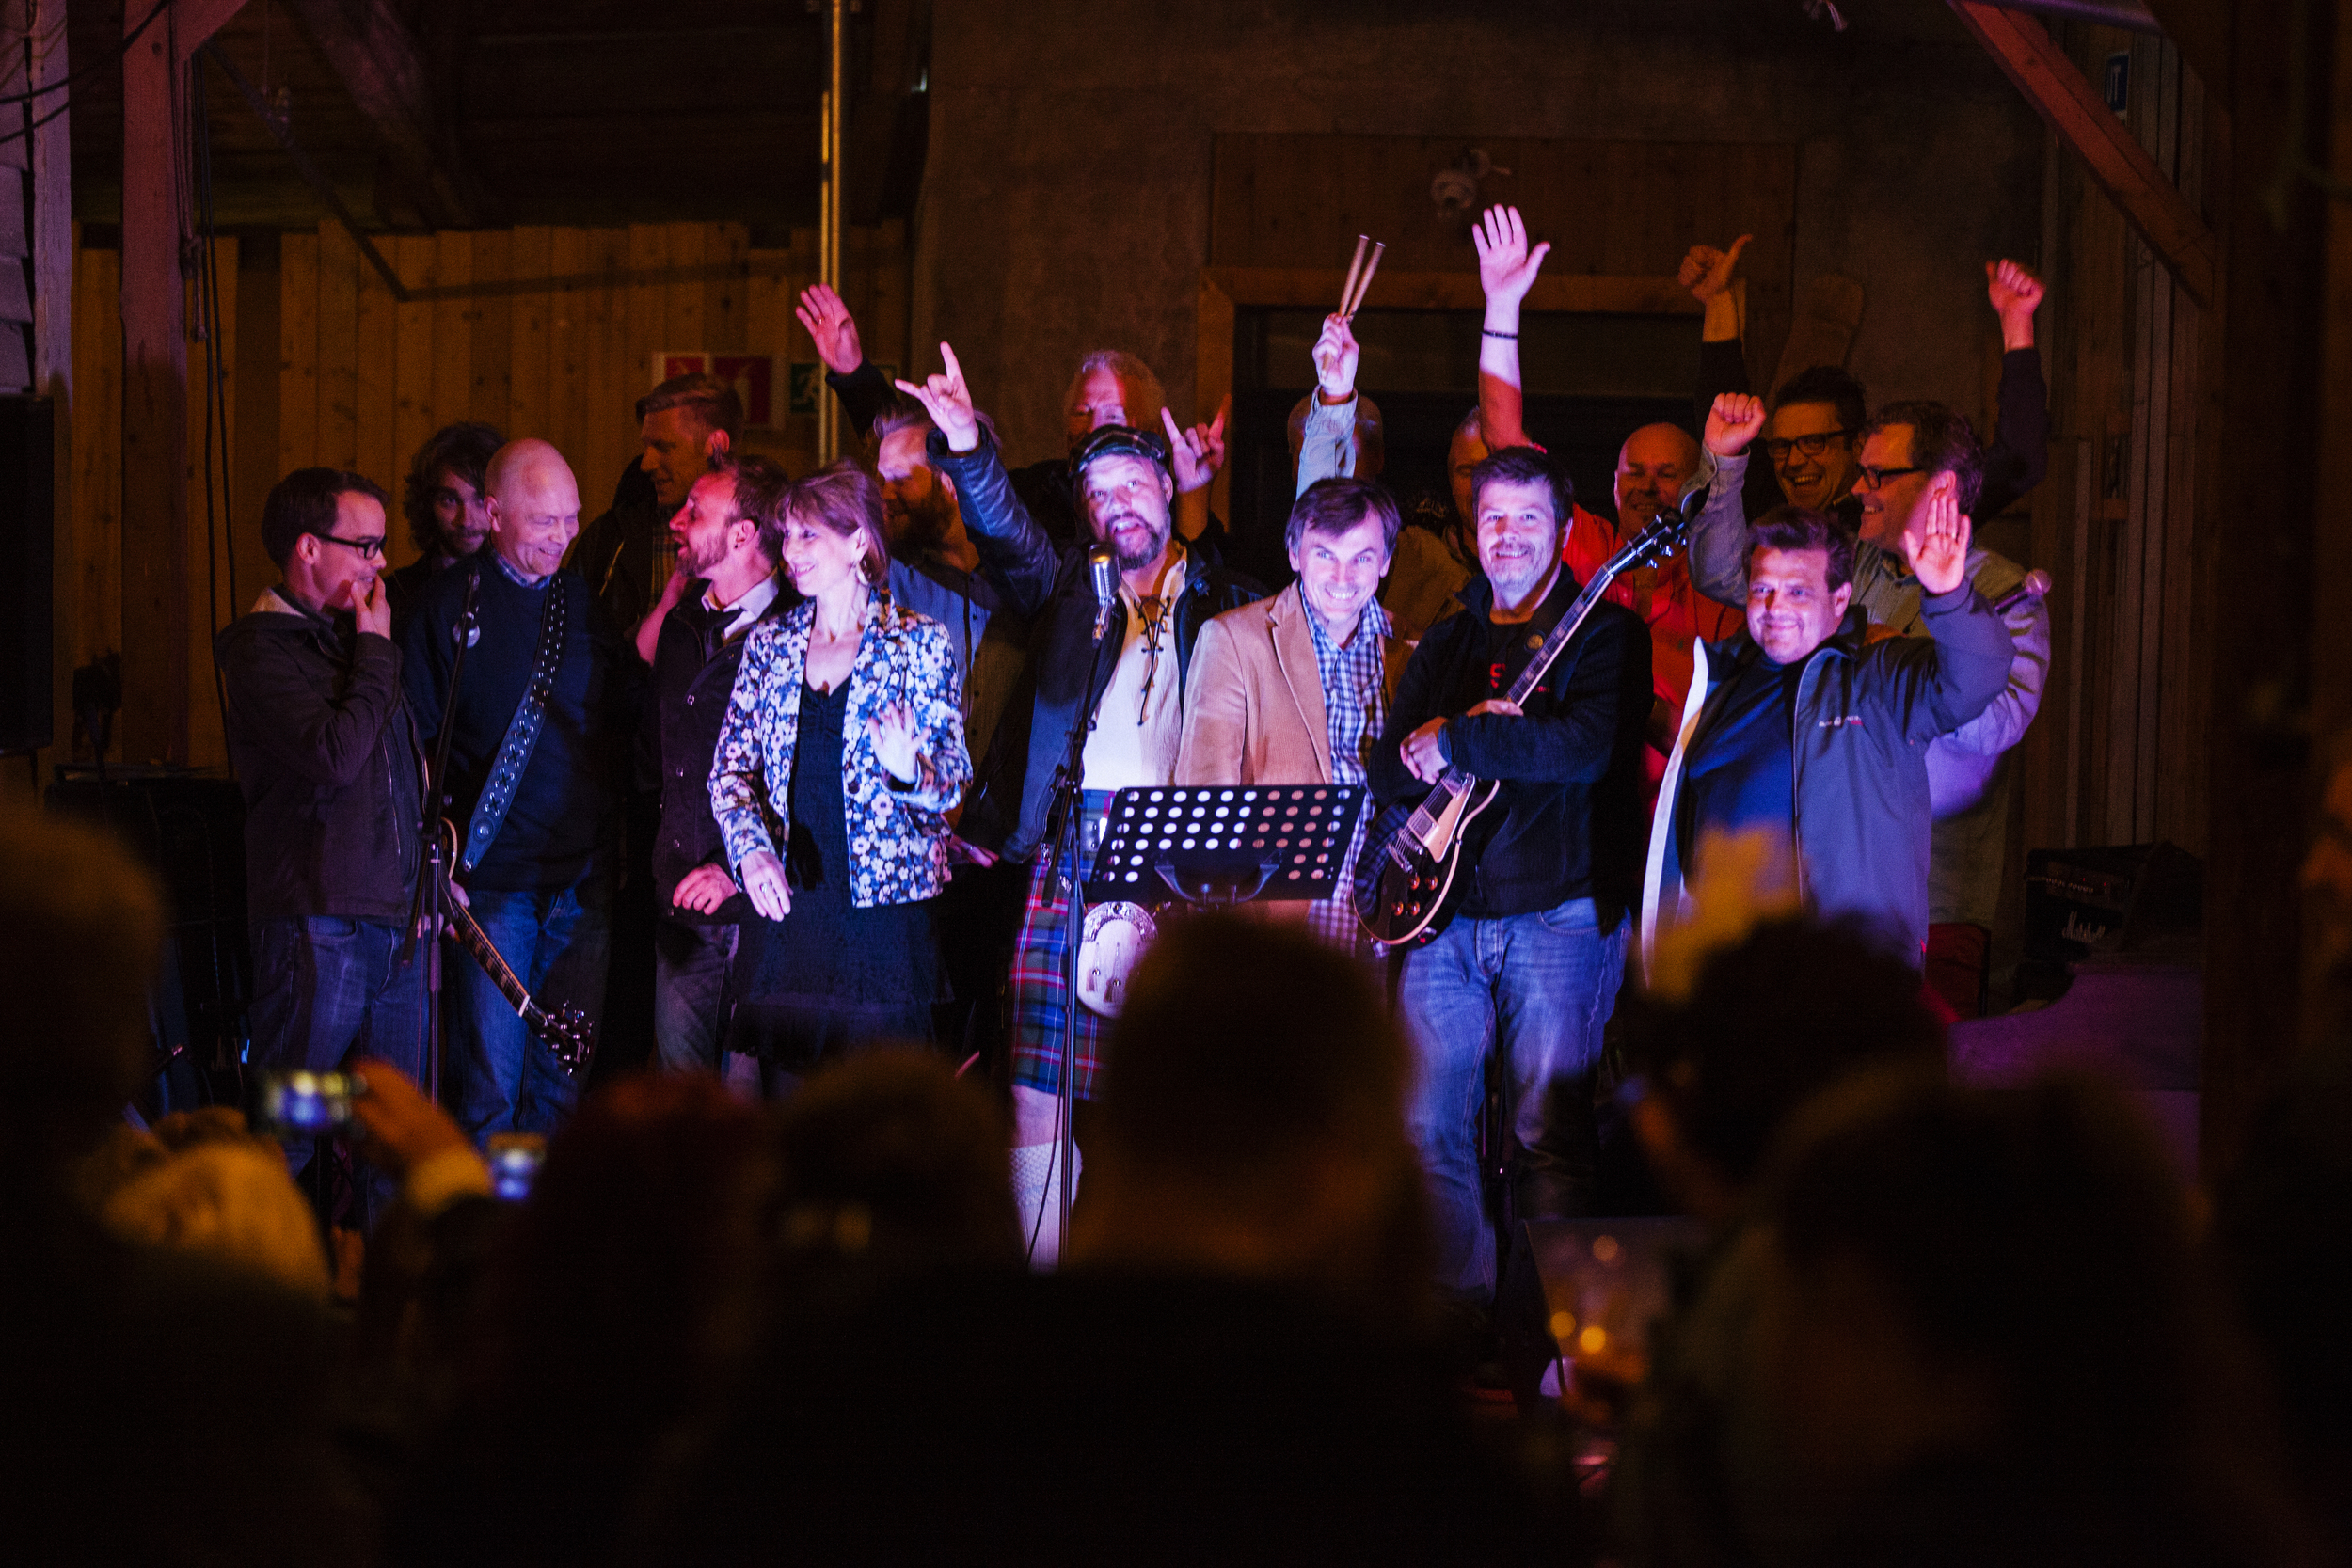 Band elever ved Feedback Studios takker publikum etter Salt Session konserten i Juni 2015